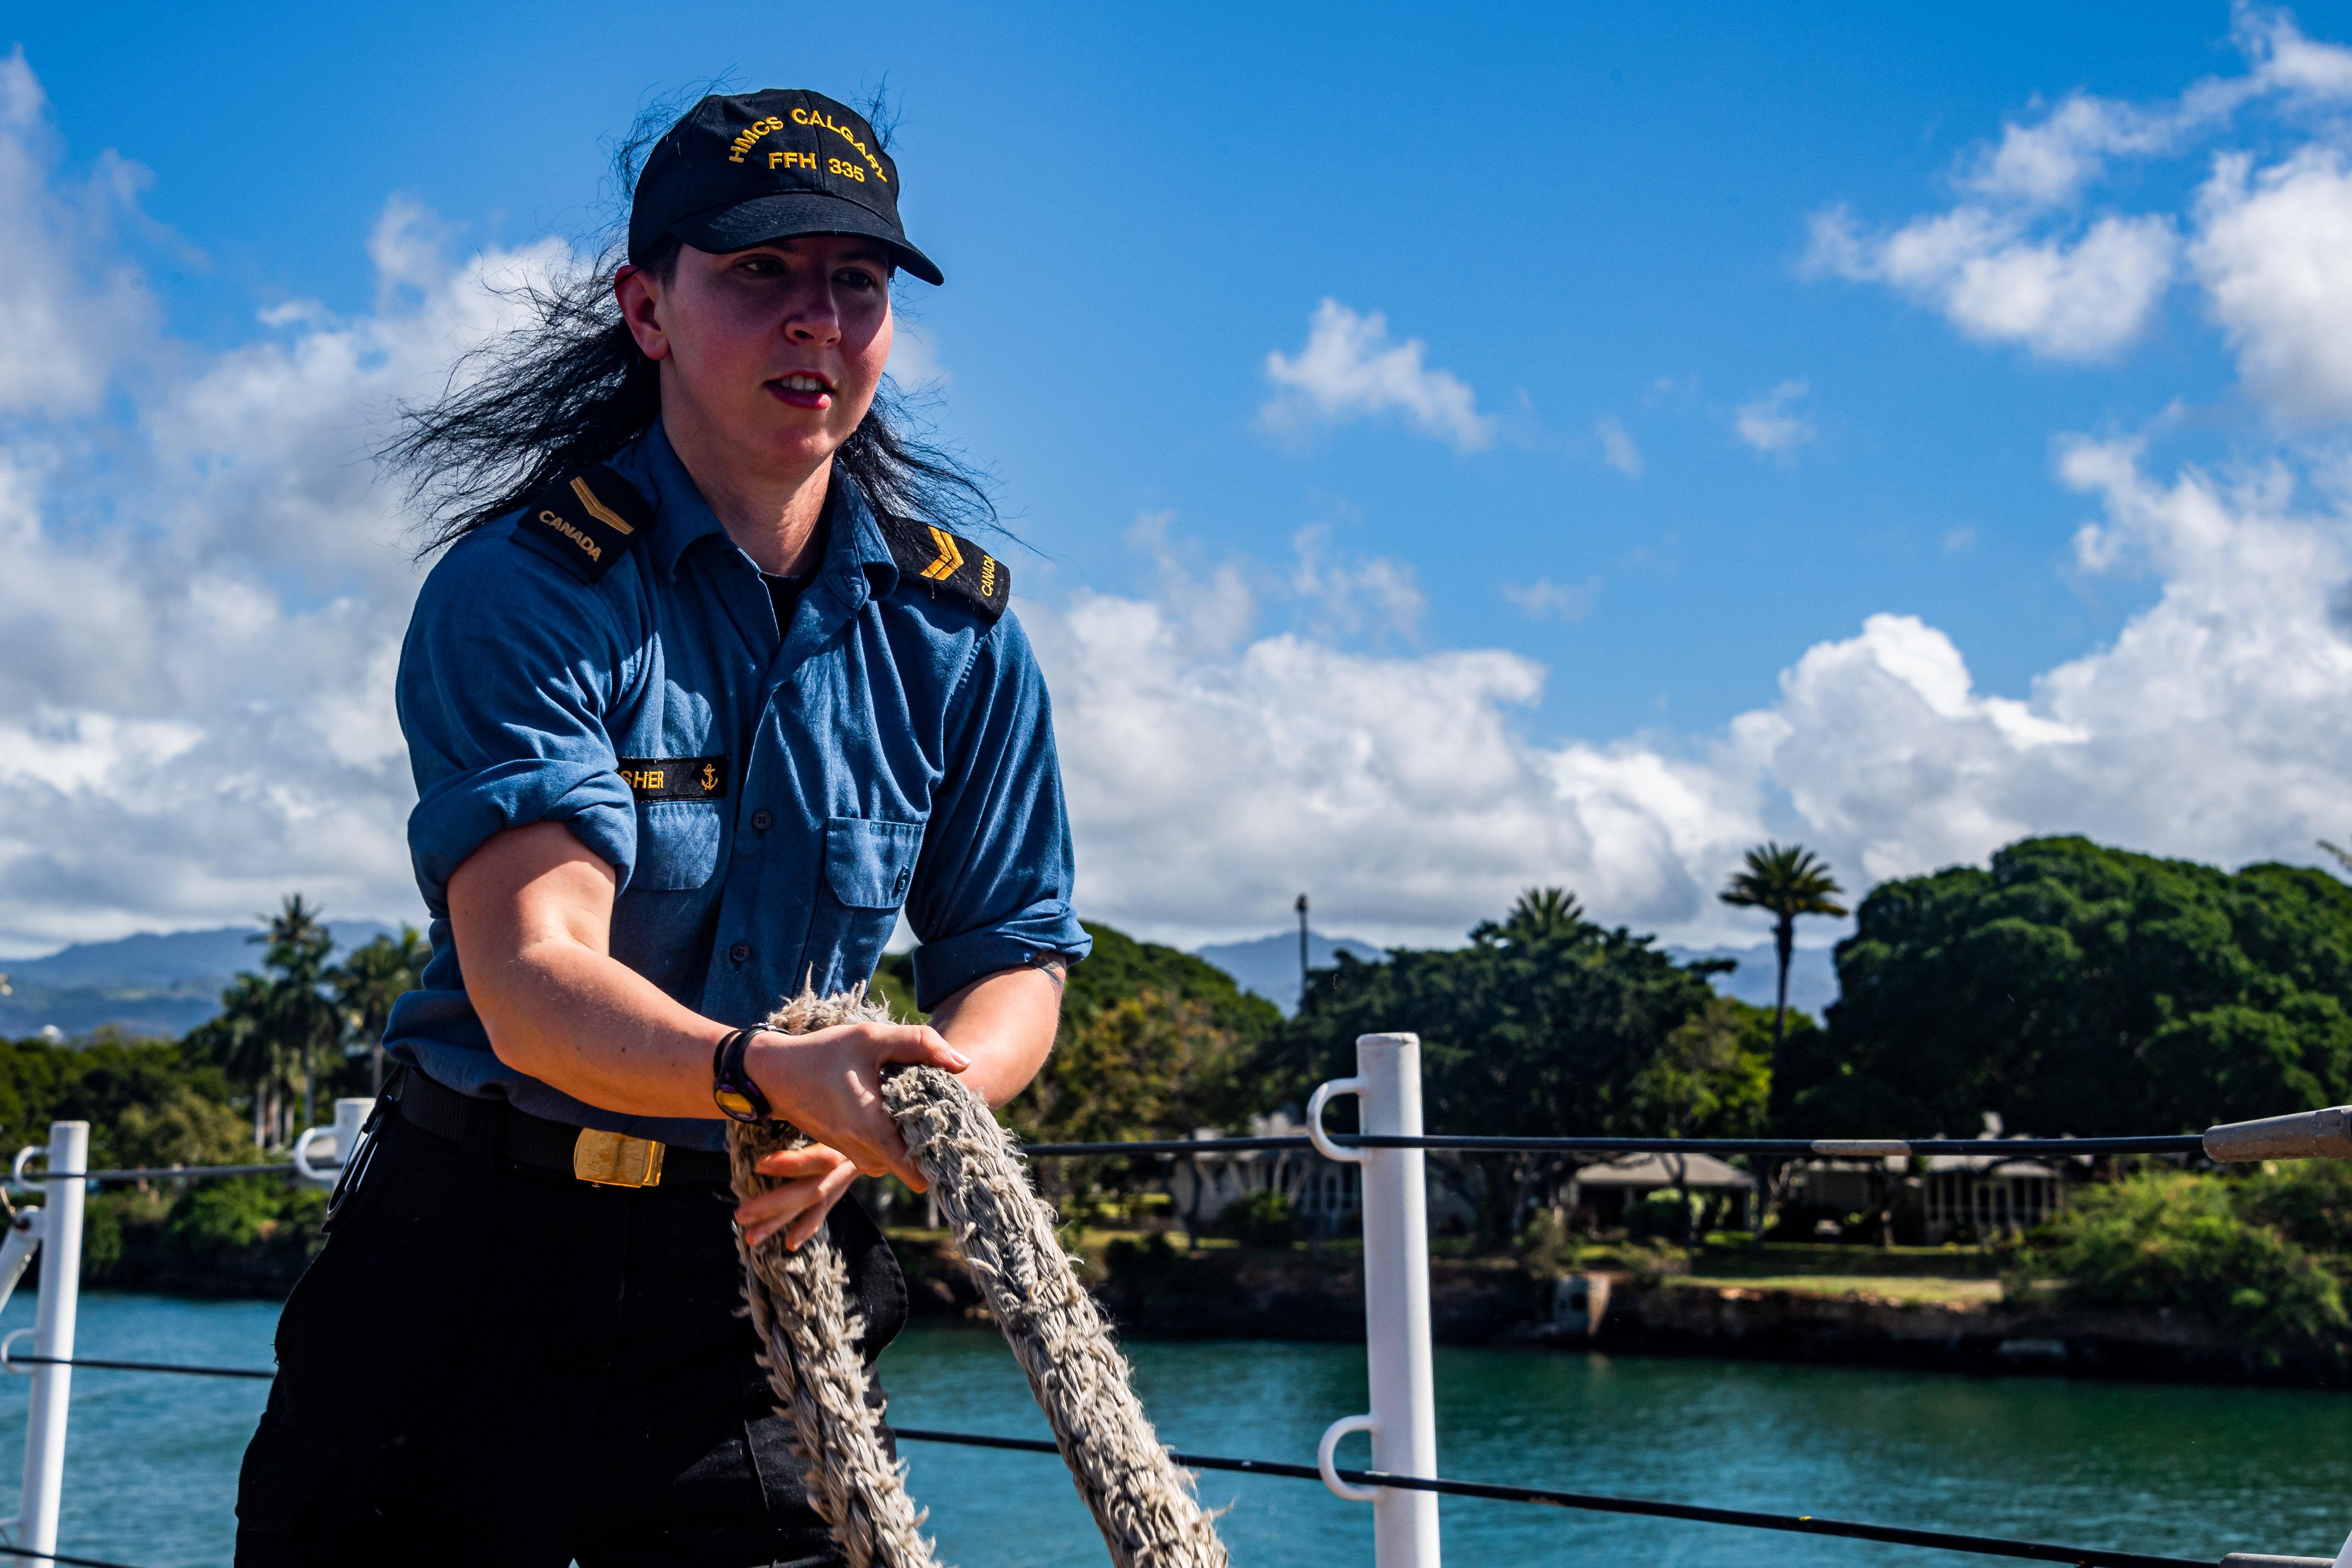 HMCS Calgary in Hawaii